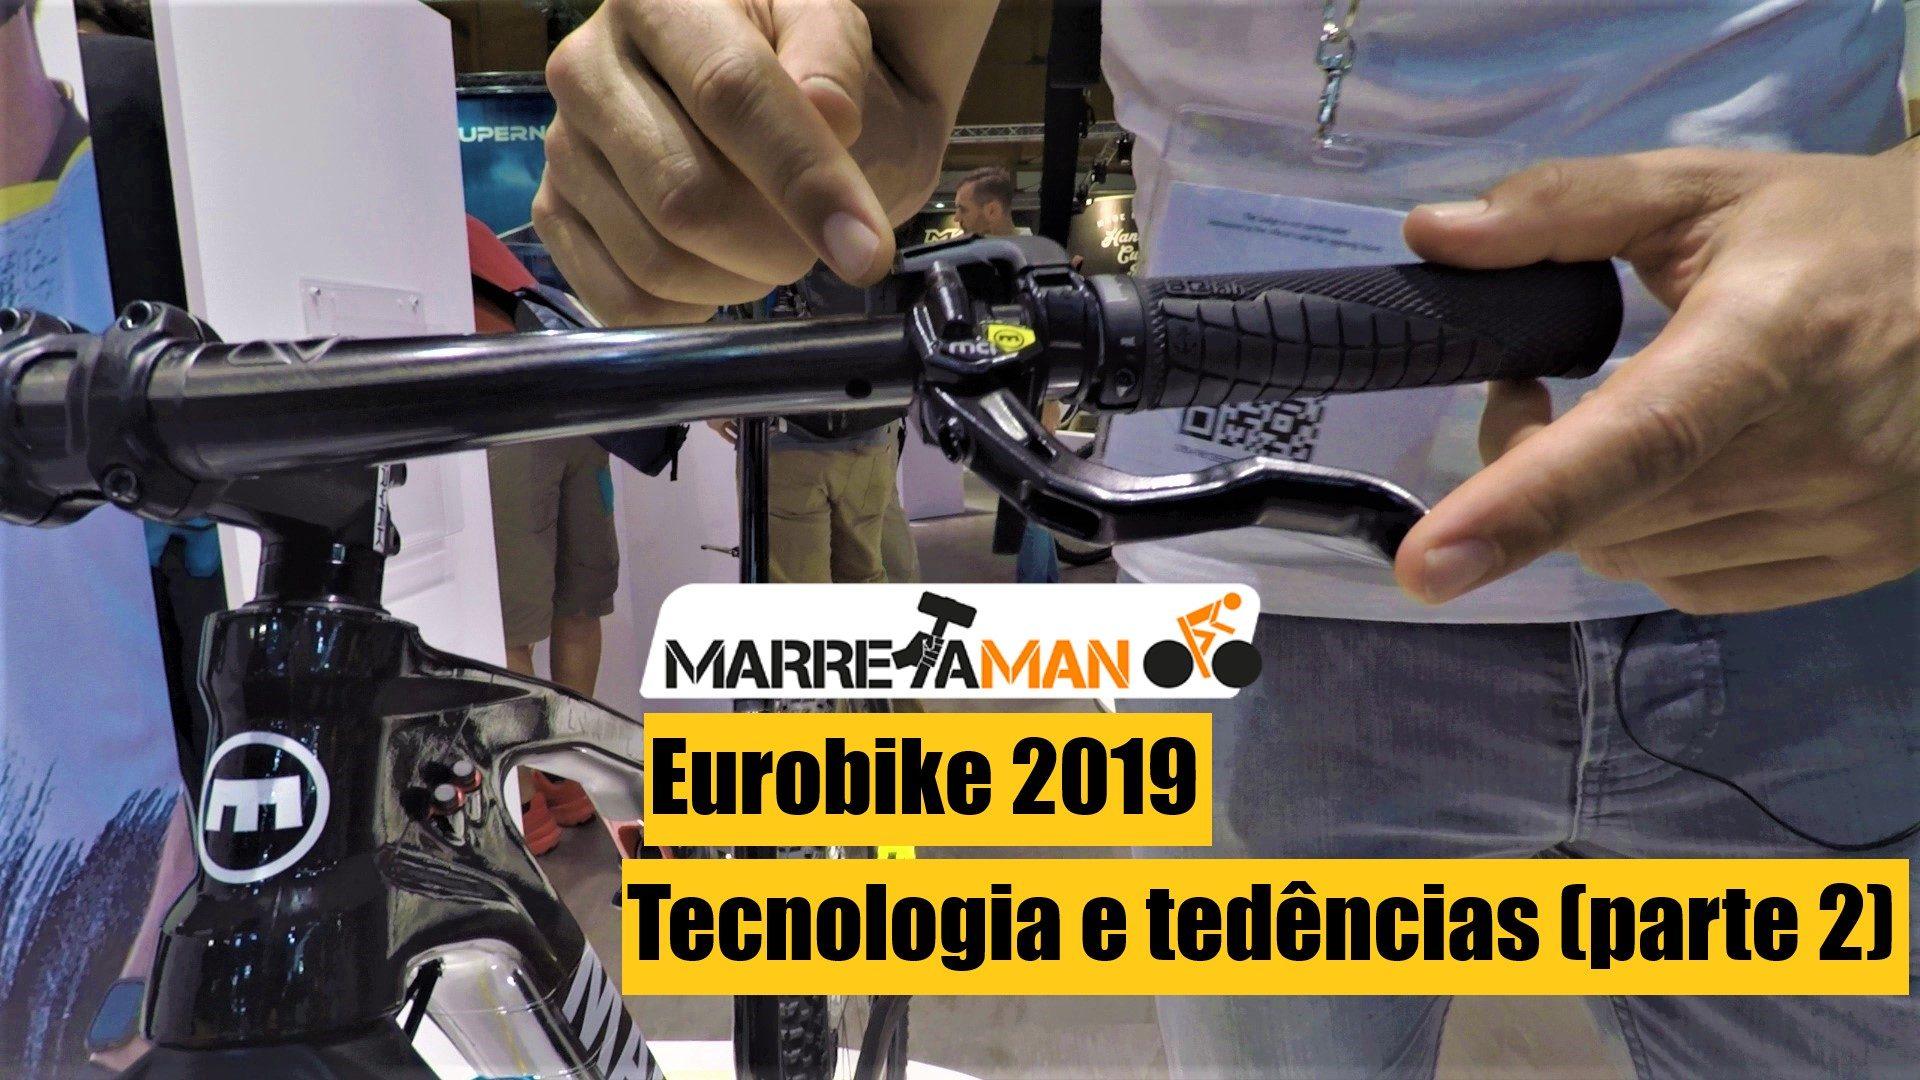 Vídeo – Eurobike 2019 – Novos travões Magura, transmissão Pinion, Bikepacking